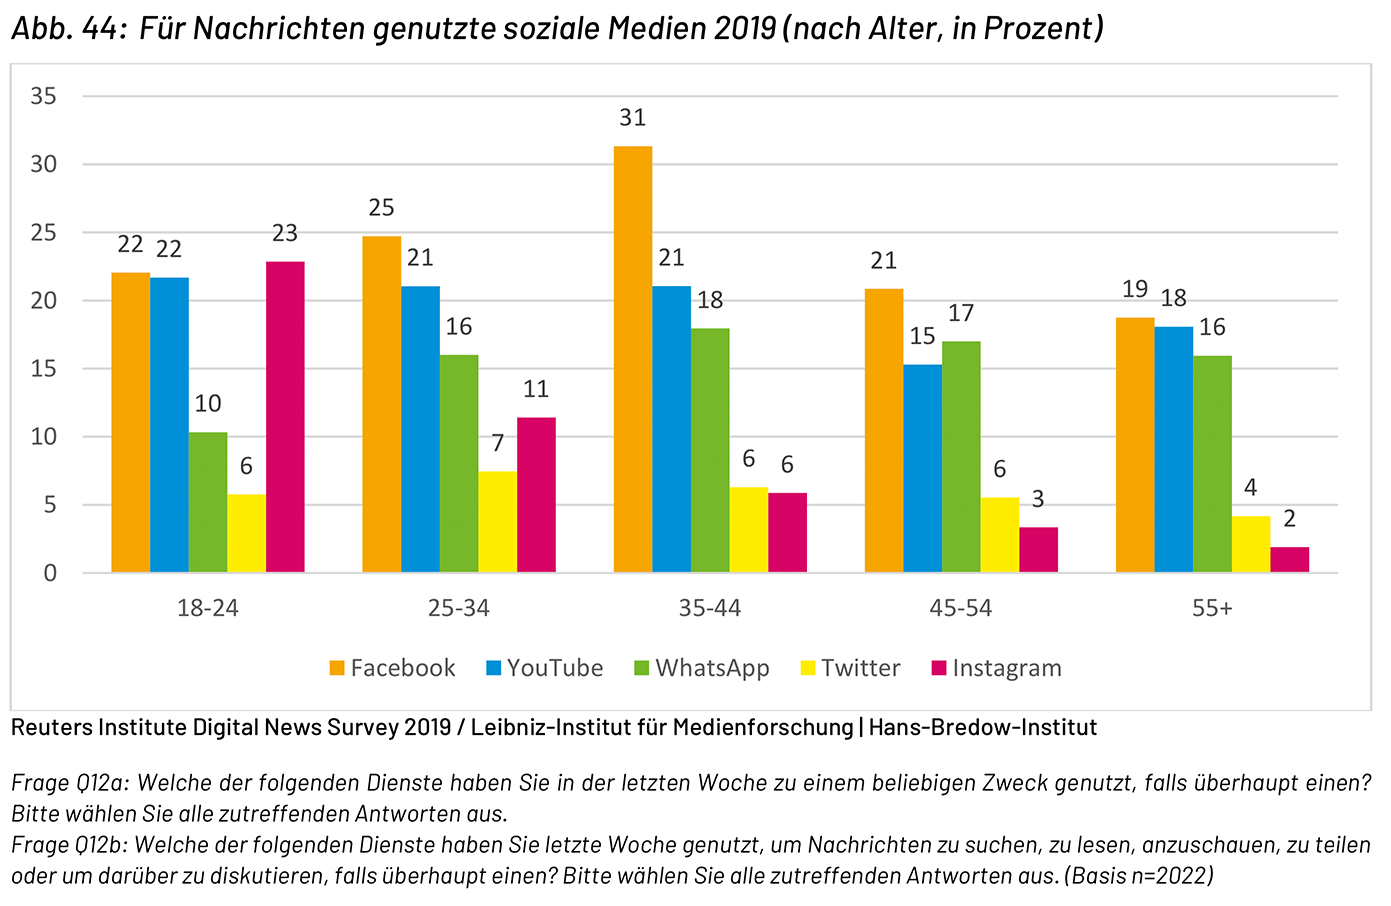 Für Nachrichten genutzte soziale Medien 2019 nach Alter